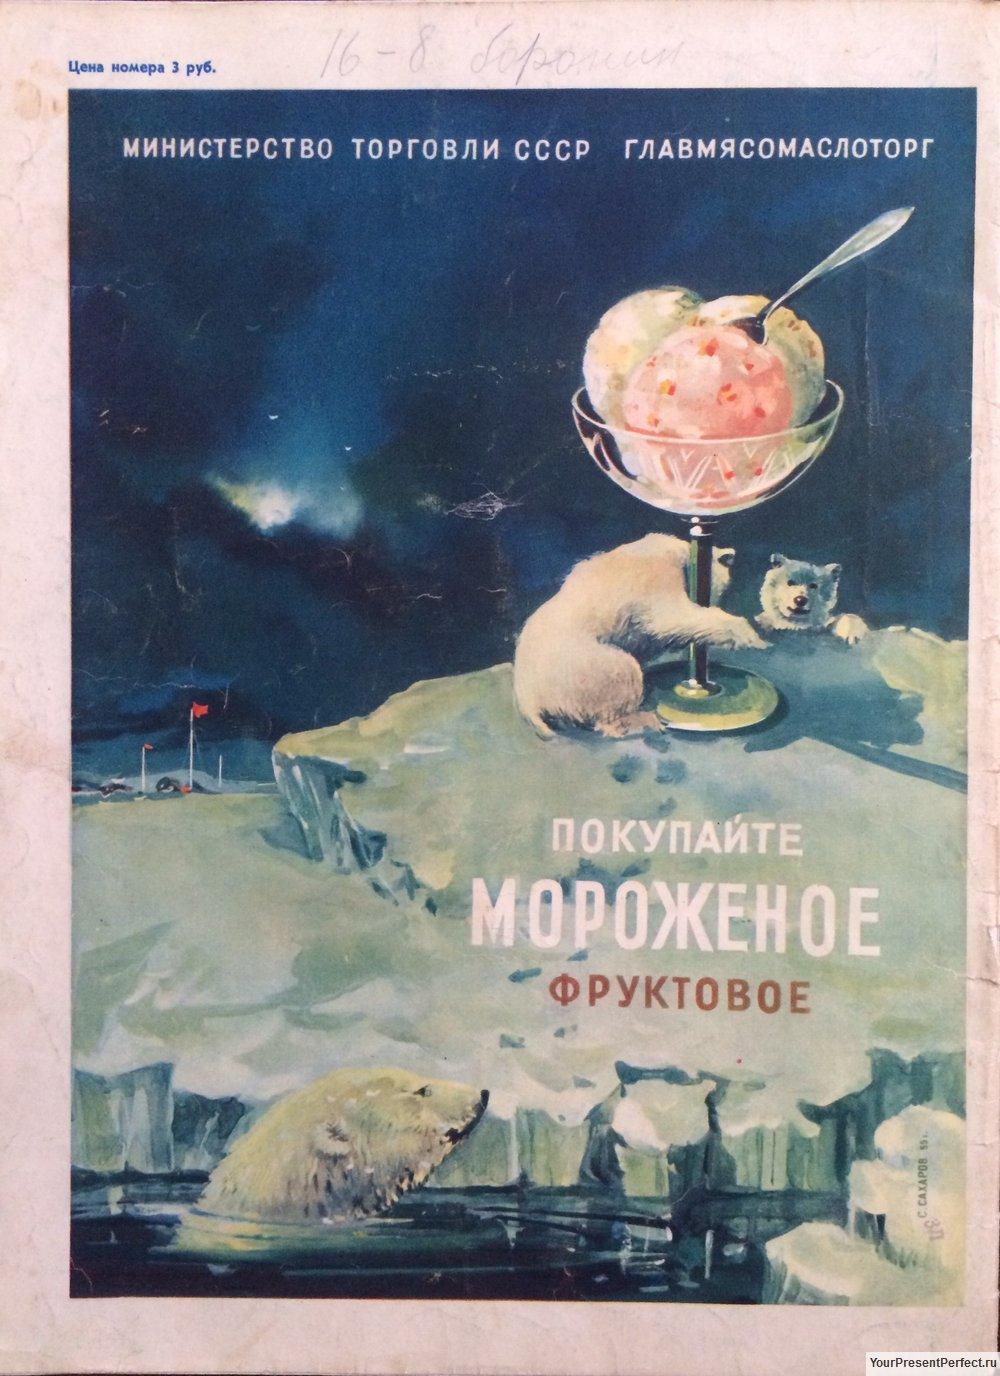 ГЛАВМЯСОМАСЛОТОРГ- Покупайте Мороженое Фруктовое